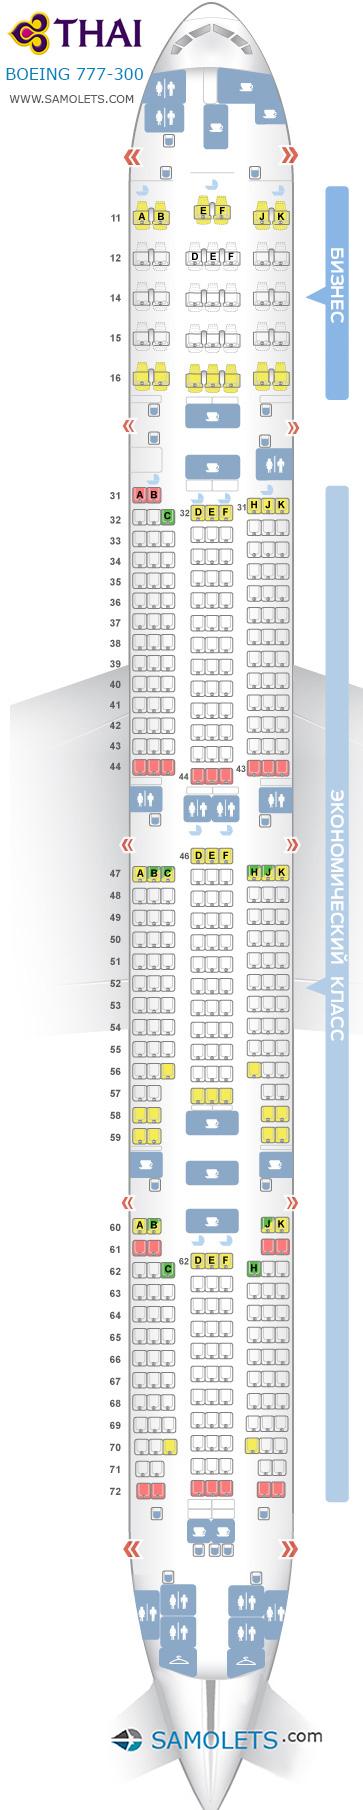 Boeing 777-300 77R Thai Airways